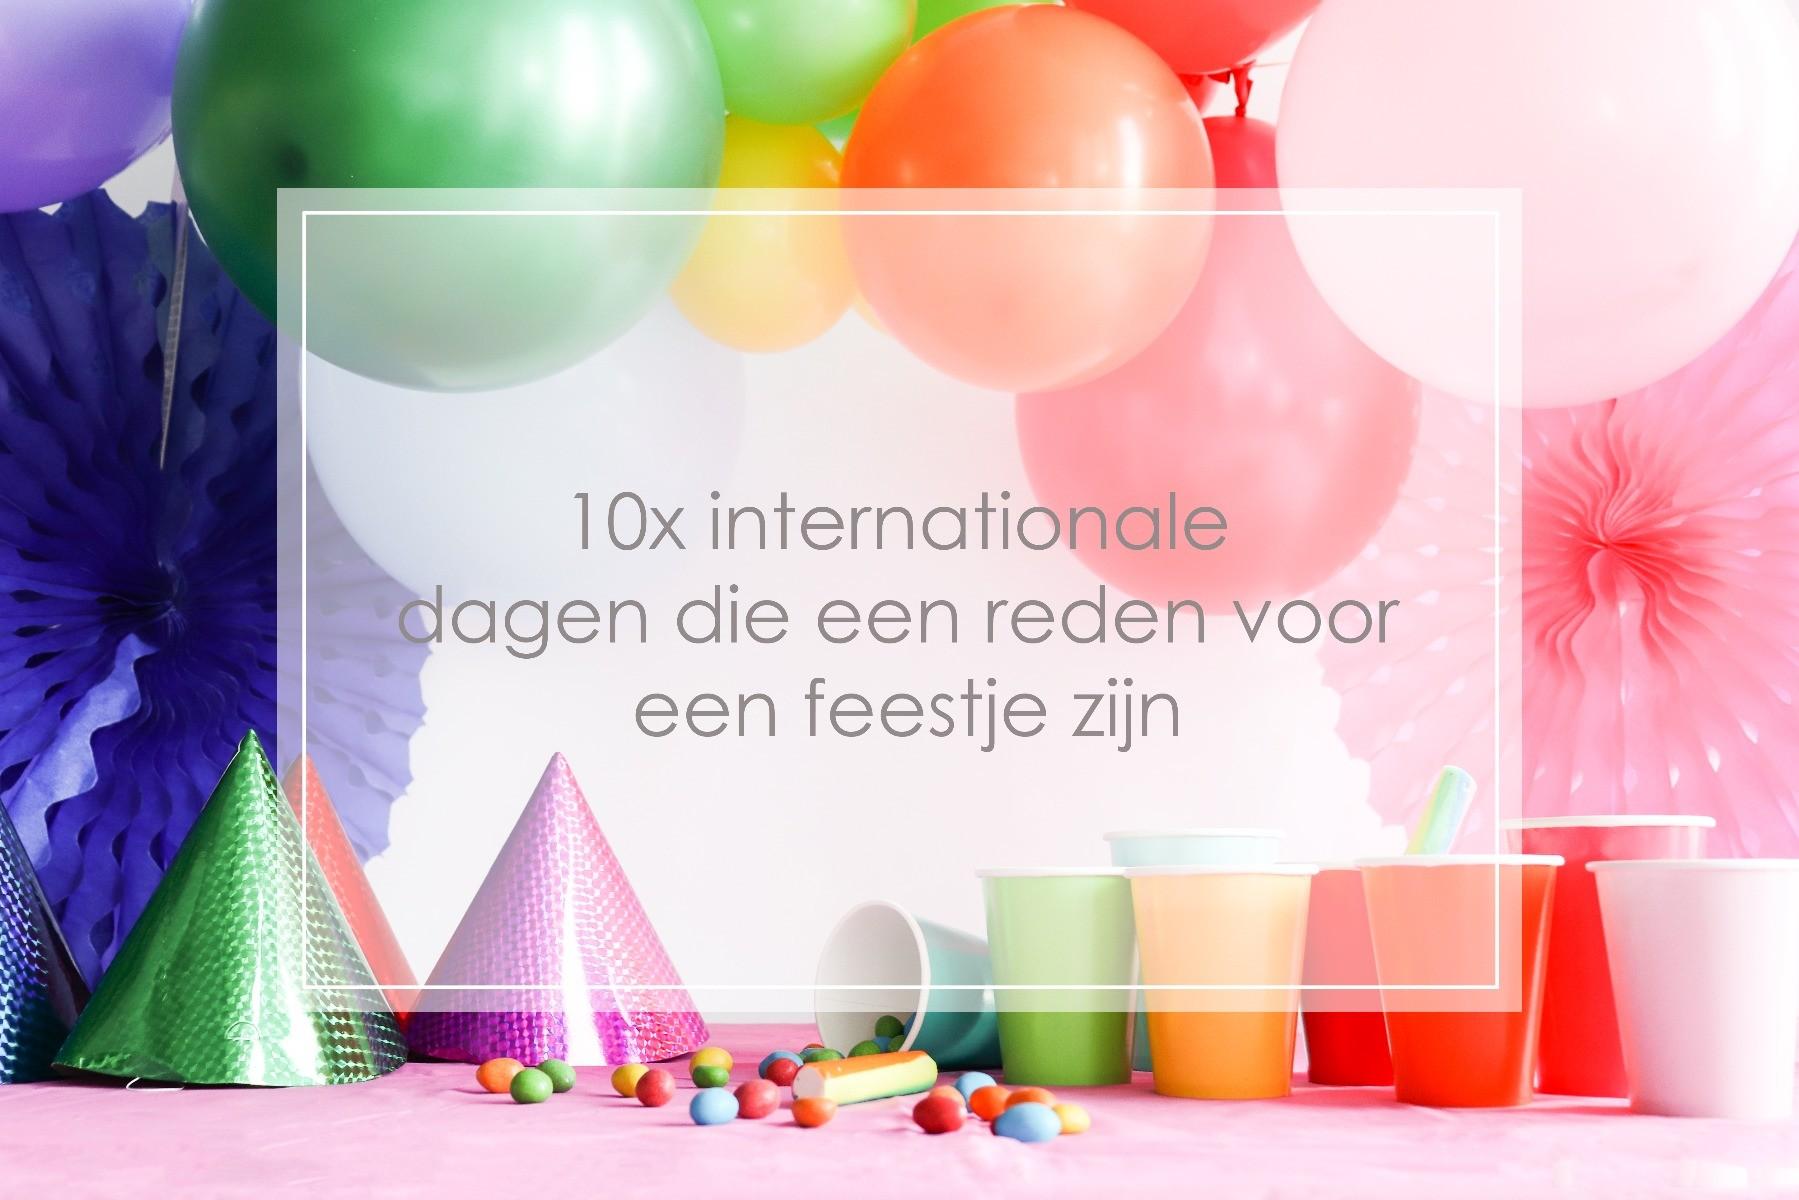 10x internationale dagen die een reden voor een feestje zijn